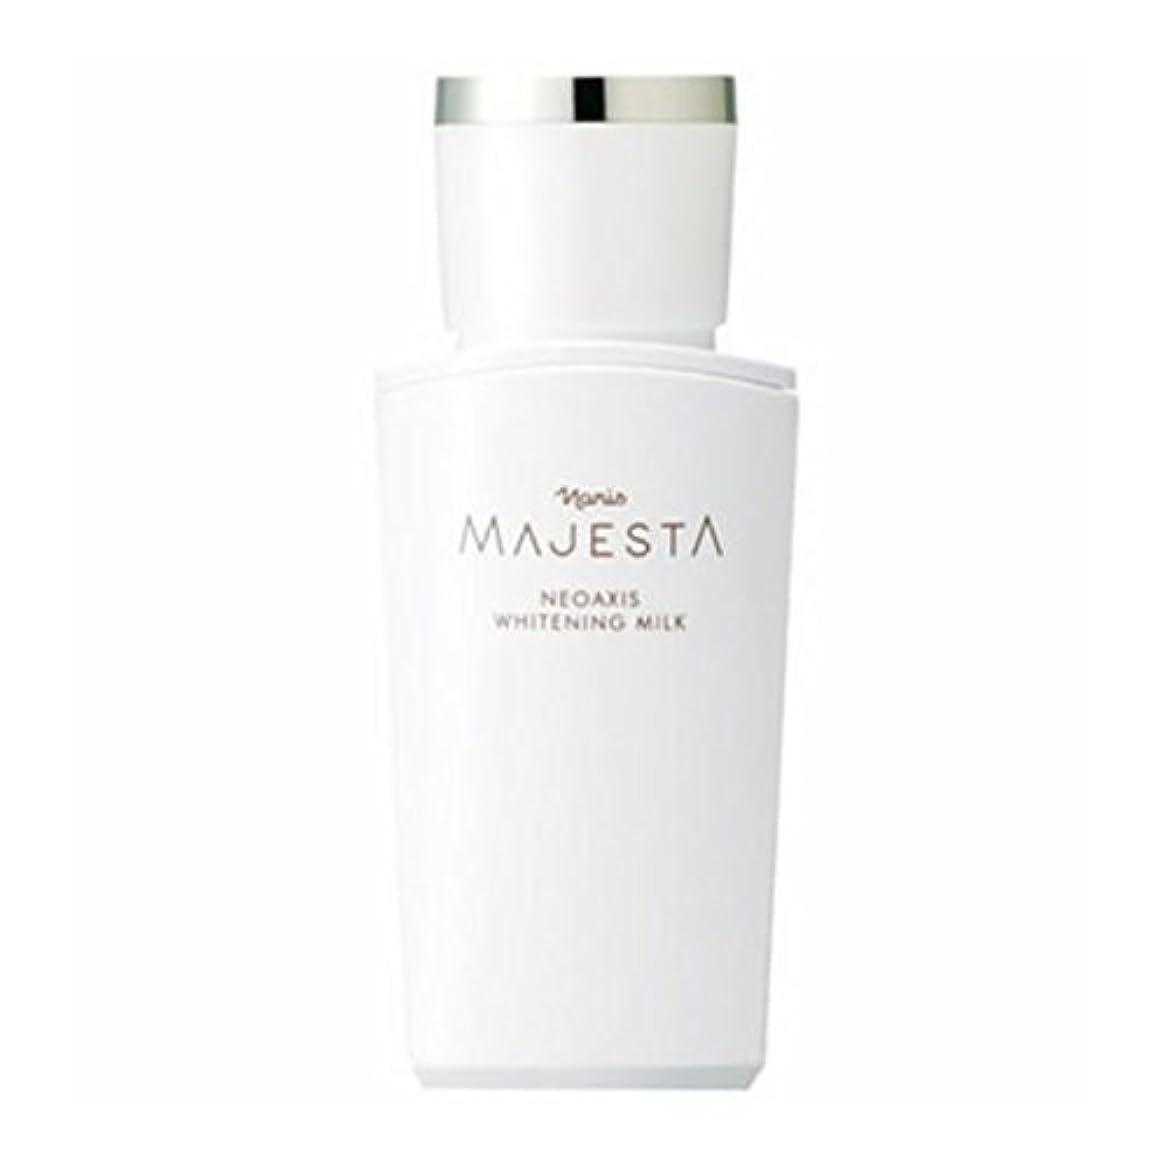 納屋デモンストレーション再びナリス化粧品 マジェスタ ネオアクシス ホワイトニング ミルク (薬用 美白乳液) 80ml